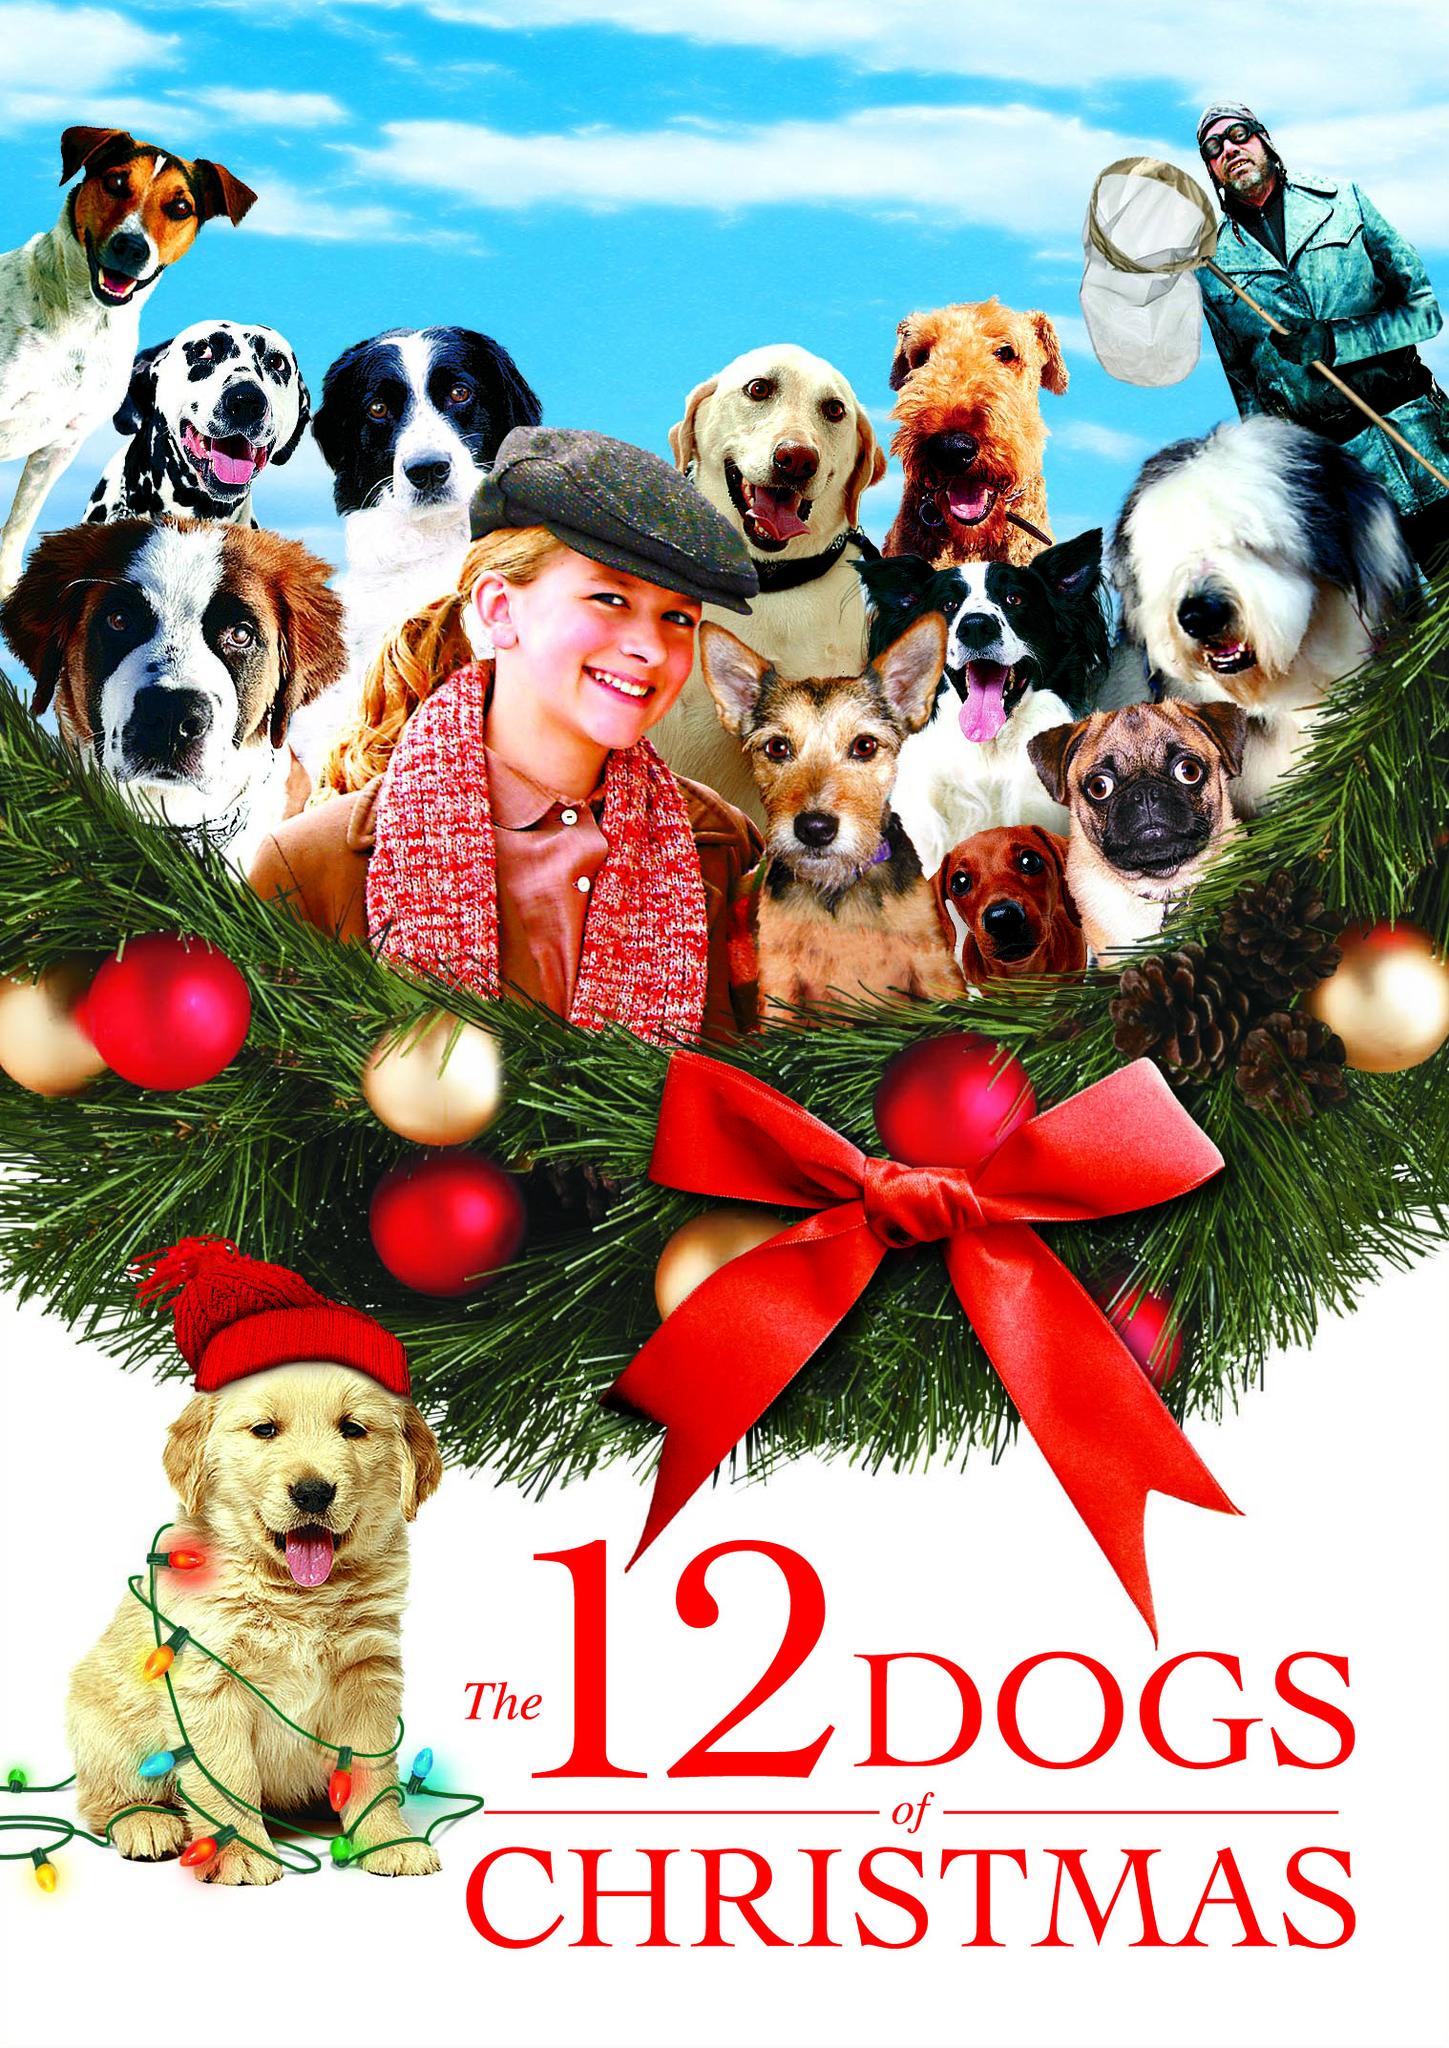 12 Dogs Of Christmas.The 12 Dogs Of Christmas Video 2005 Imdb